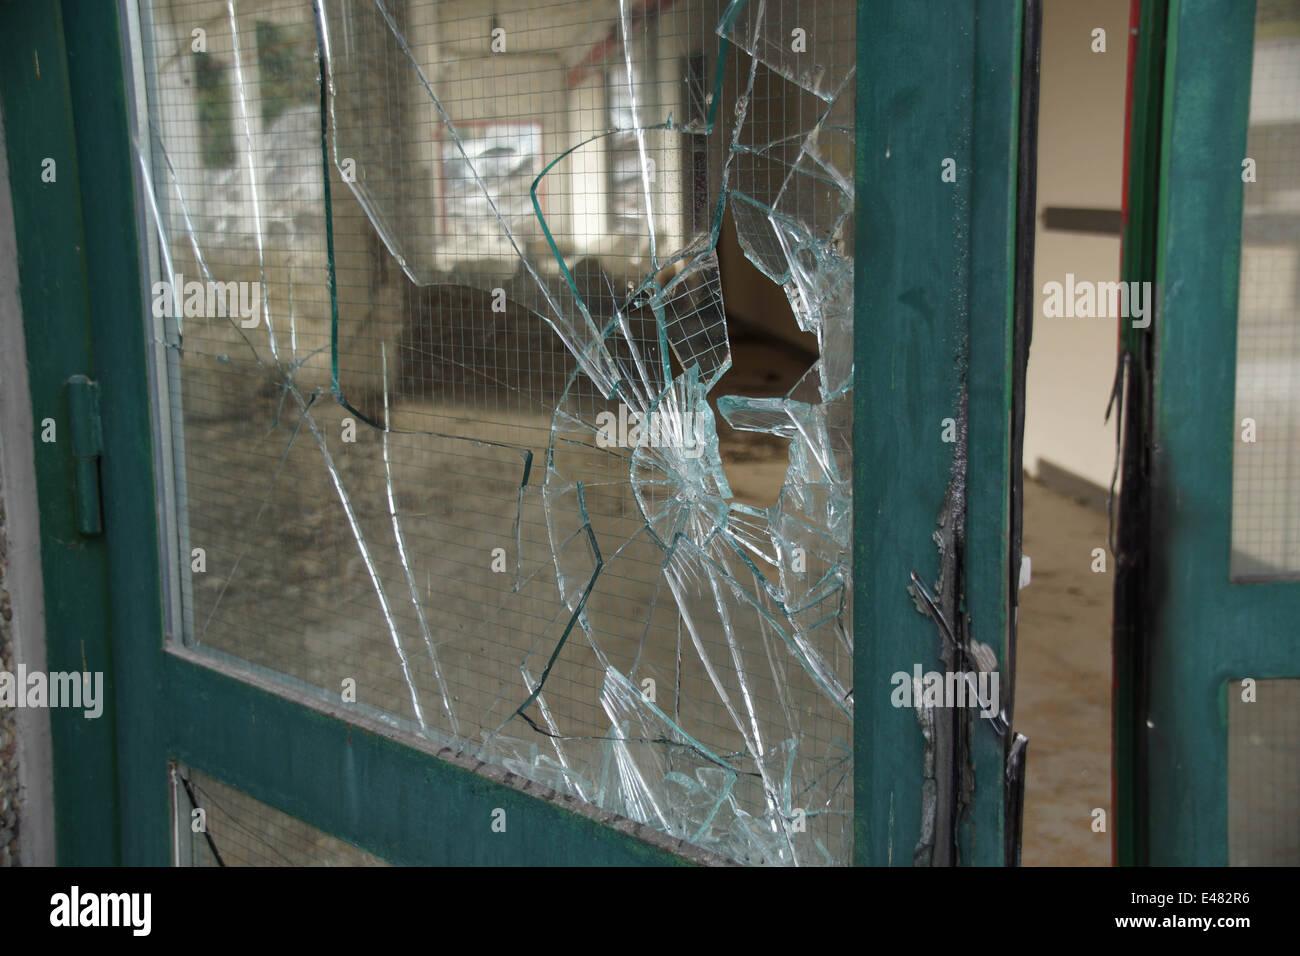 broken glass door with green metal frame stock photo